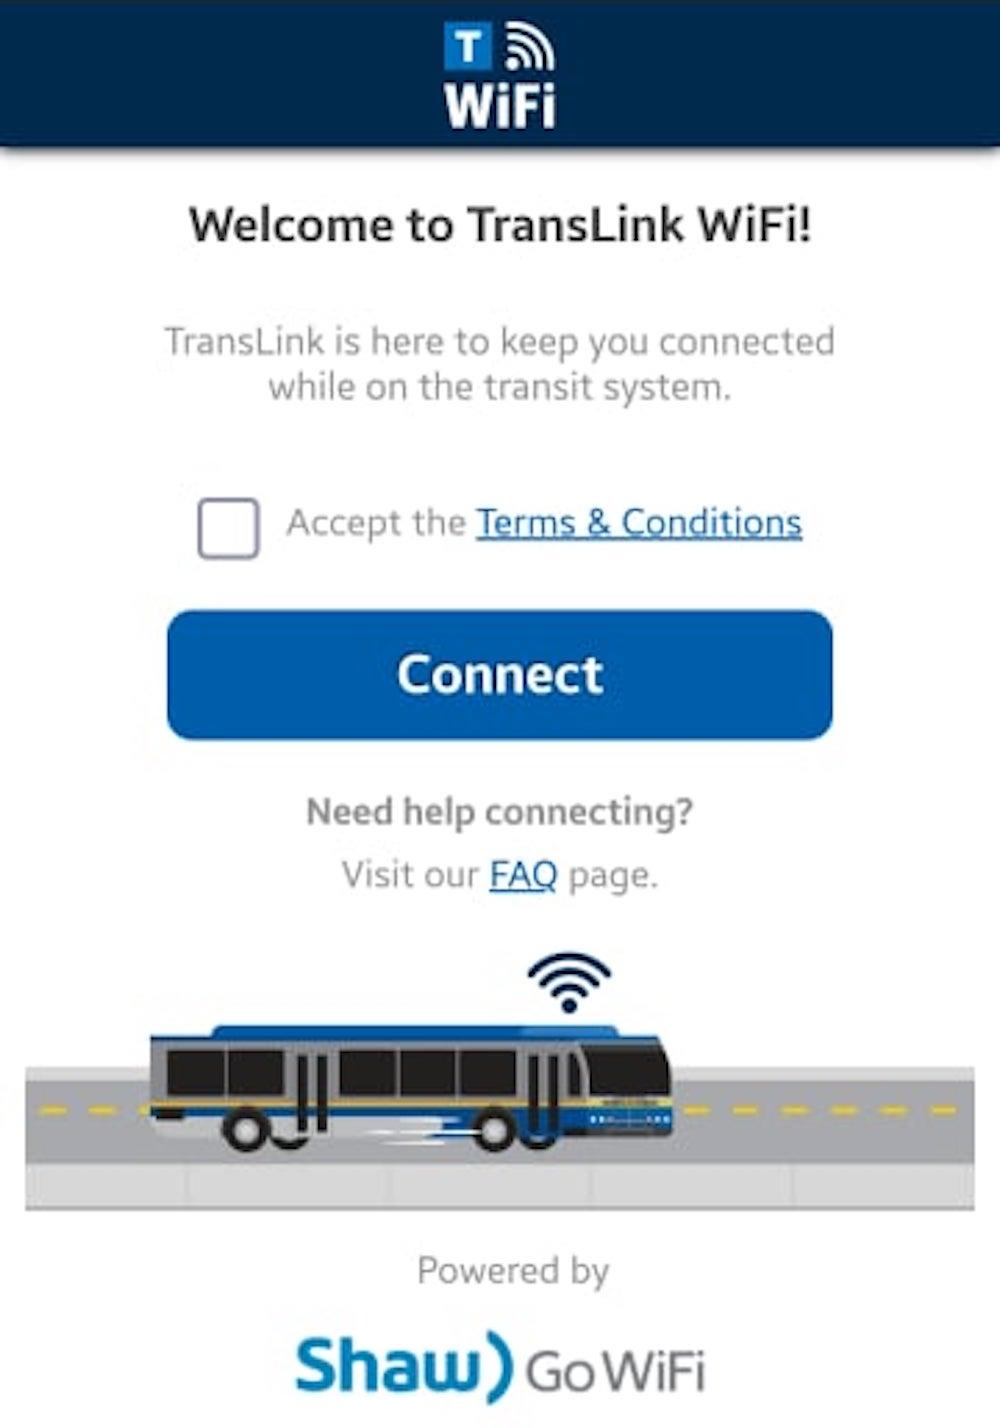 translink wifi shaw